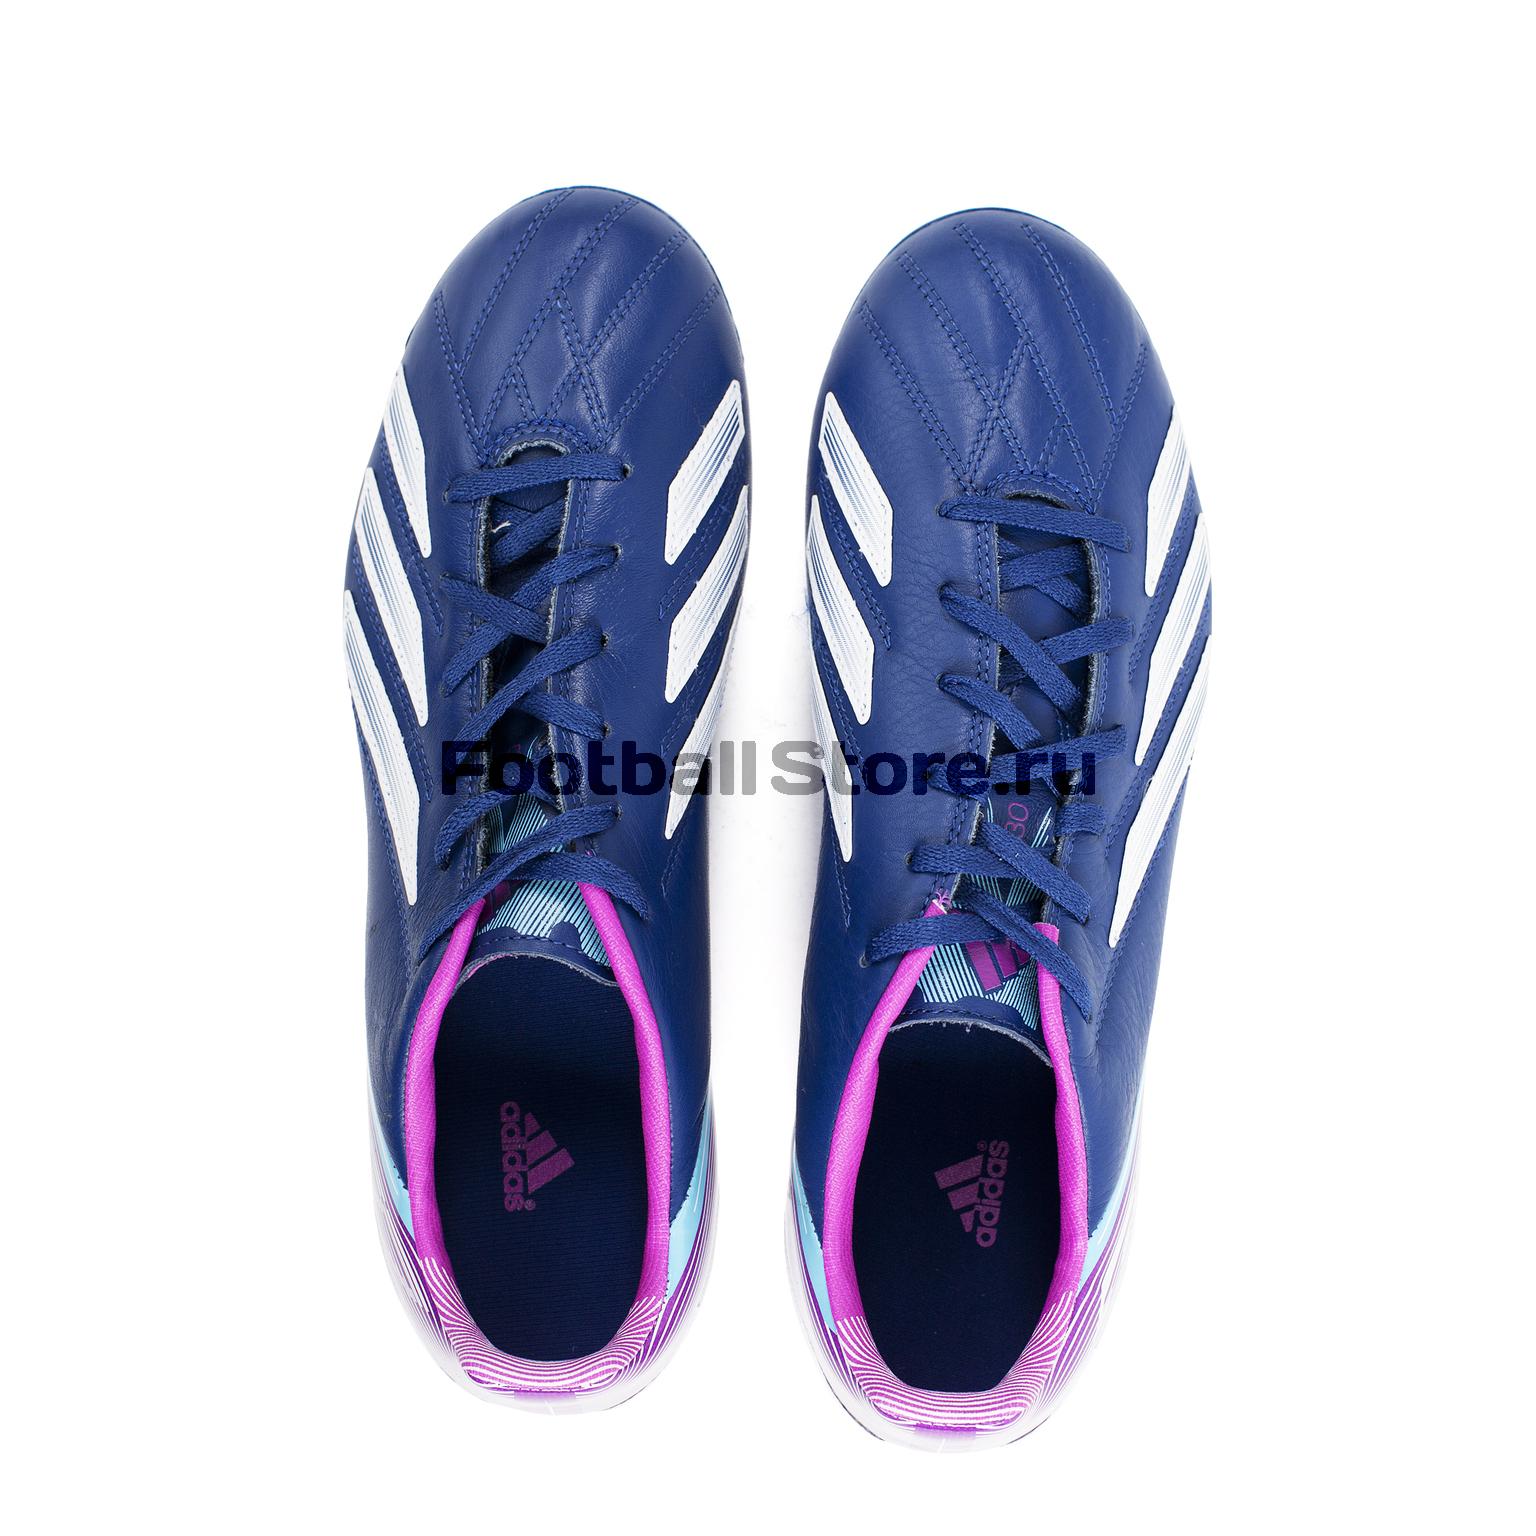 Бутсы Adidas f30 Adizero TRX FG LEA G65396 – купить бутсы в интернет ... fc83d3dfe0b